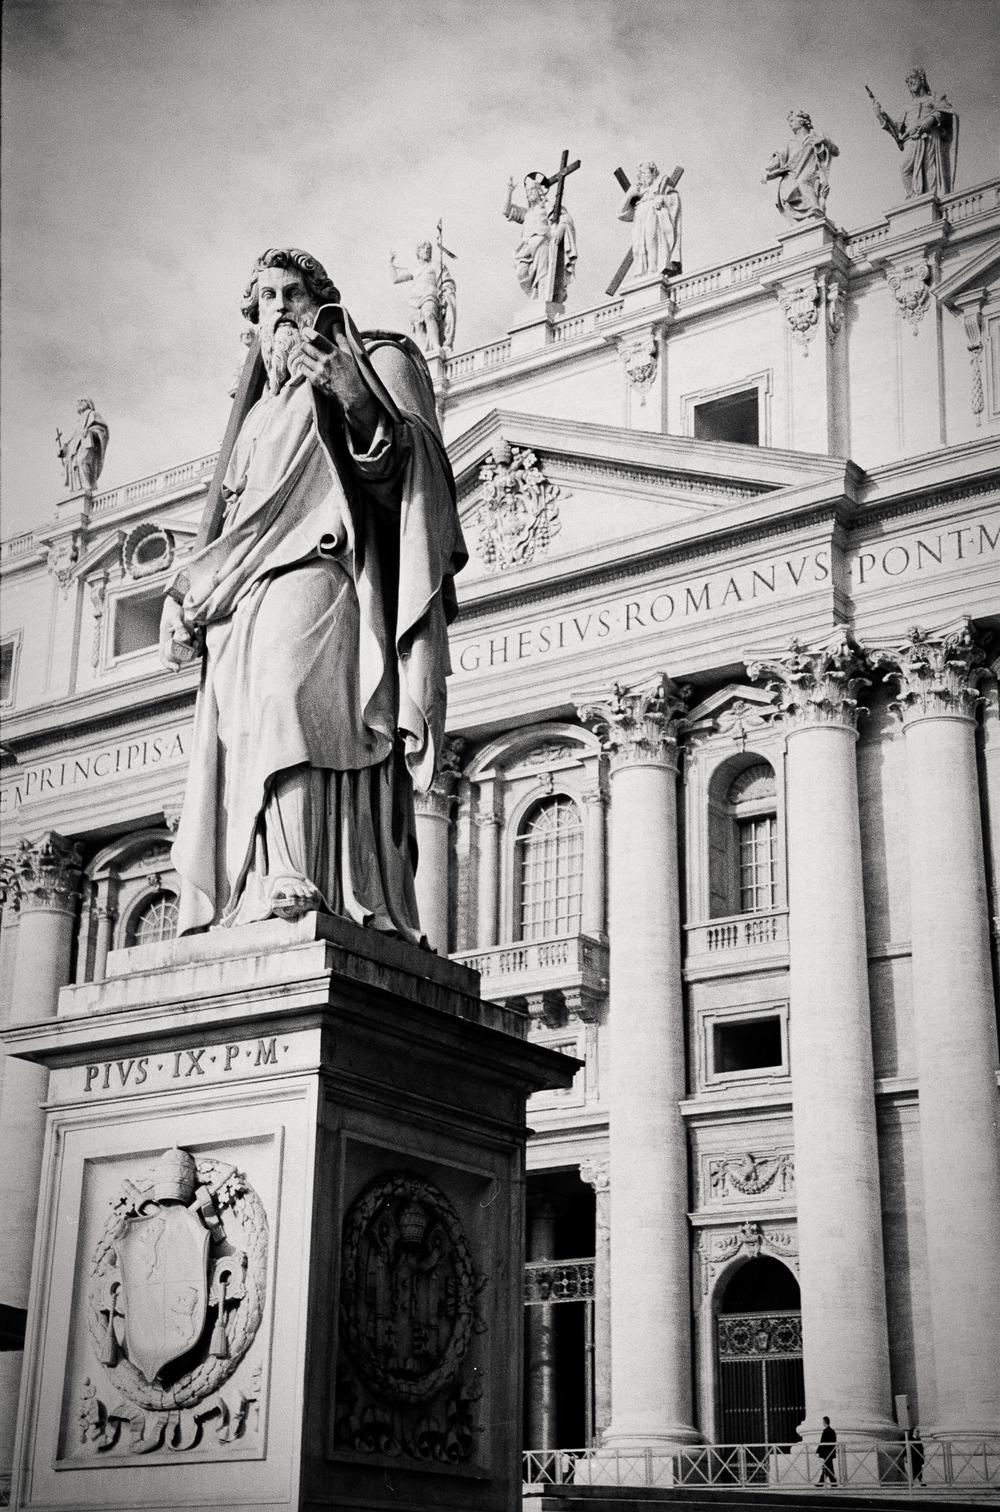 St. Peter's Basilica, Vatican City 2001.